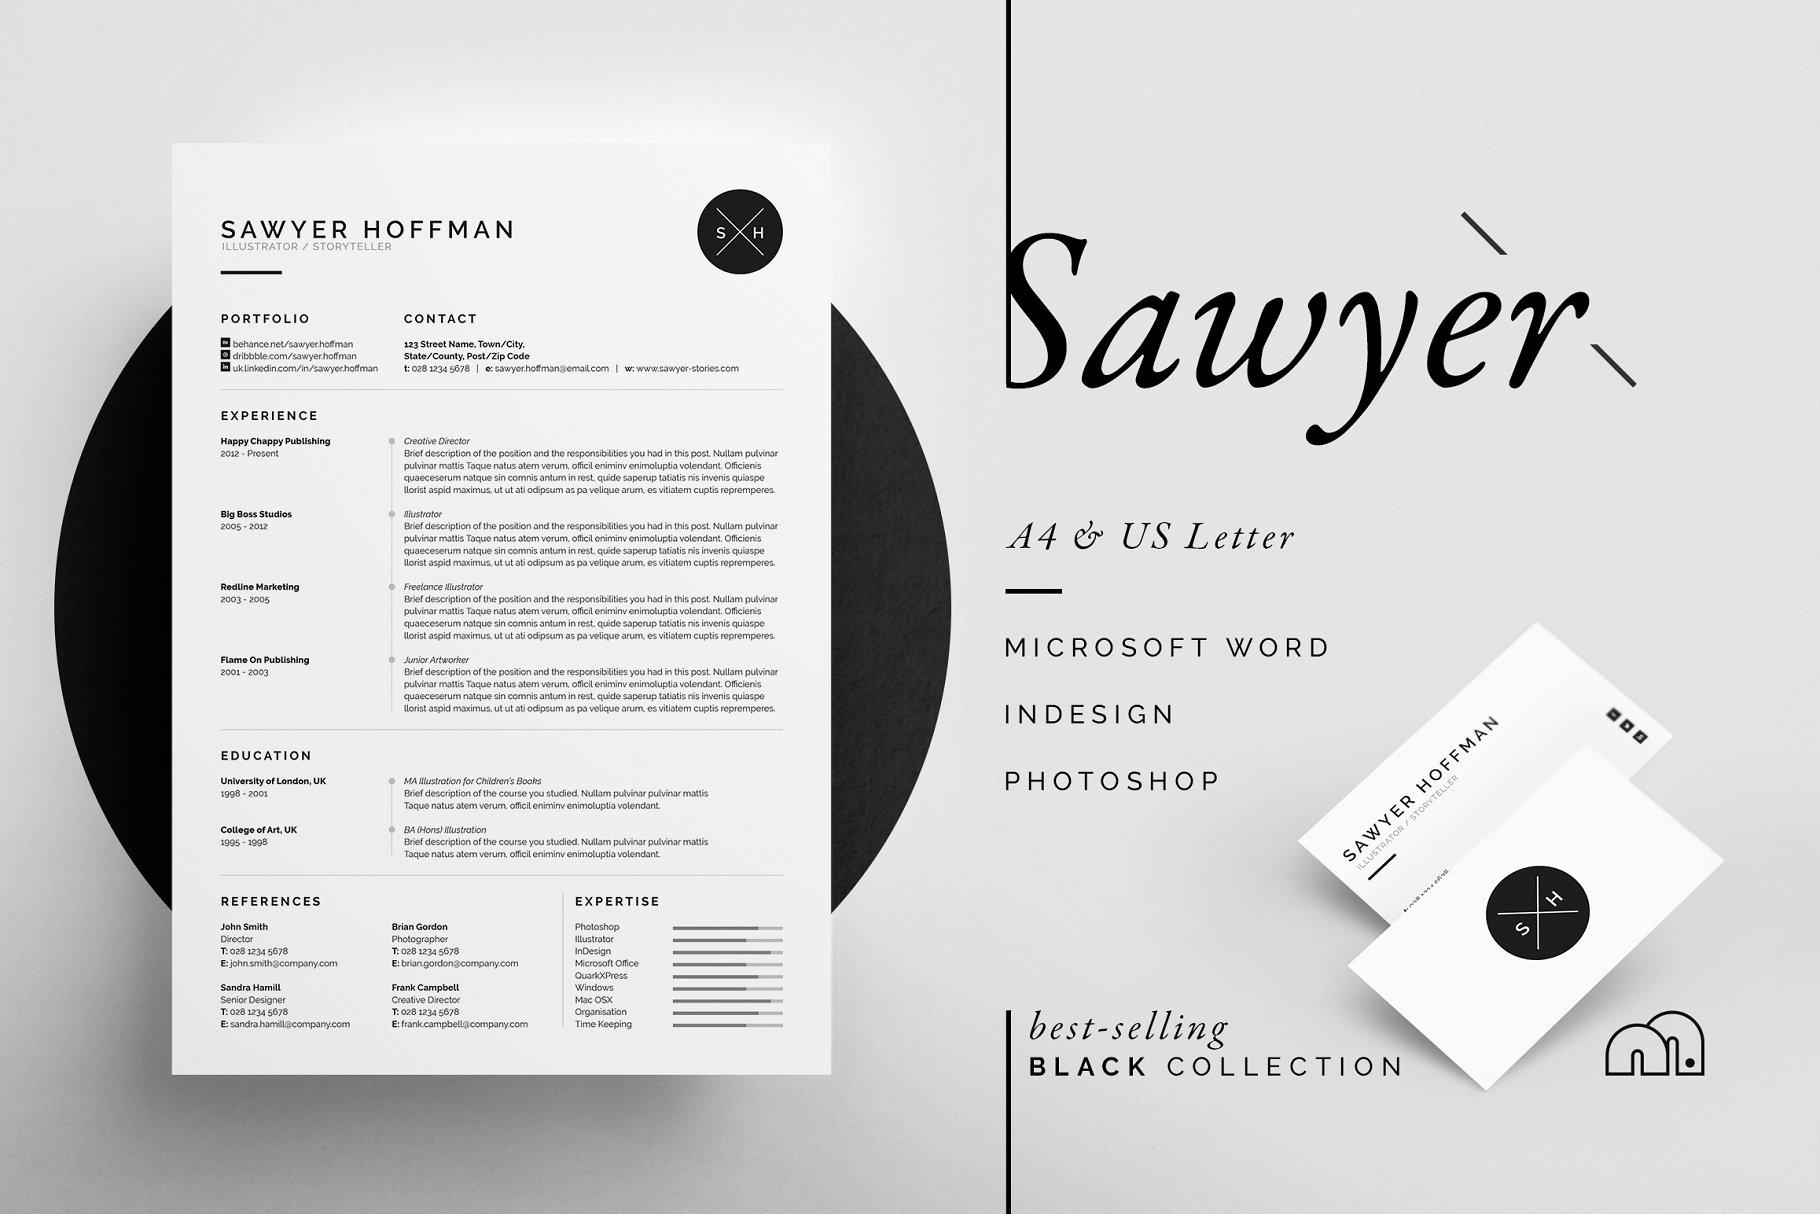 时尚极简主义简历模板 Sawyer – Resume/CV